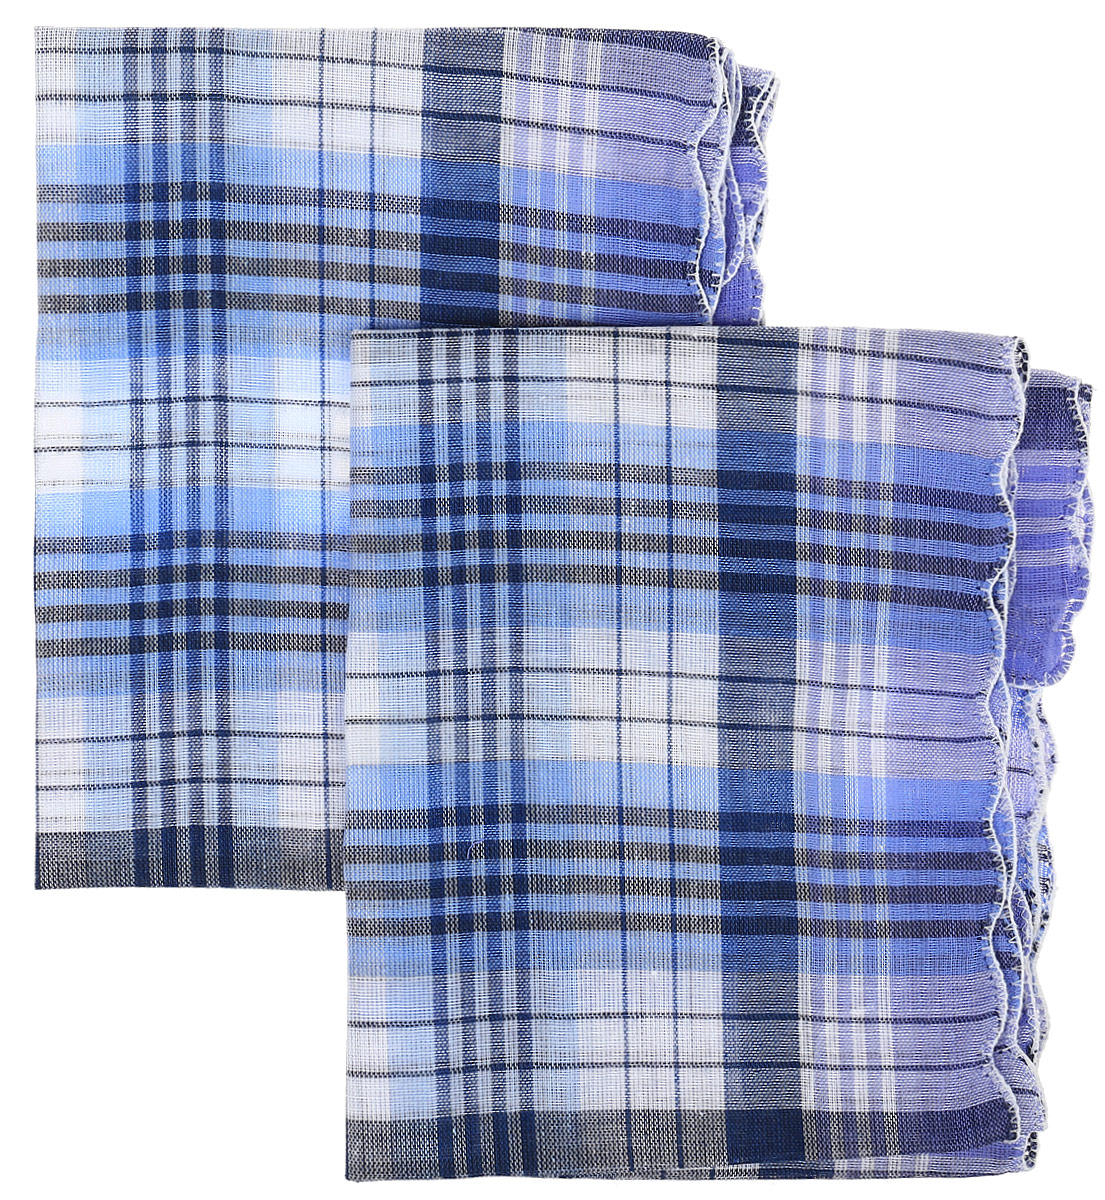 Платок носовой женский Zlata Korunka, цвет: синий, голубой, 4 шт. 71417. Размер 27 х 27 смСерьги с подвескамиЖенские носовые платки Zlata Korunka изготовлены из натурального хлопка, приятны в использовании, хорошо стираются, материал не садится и отлично впитывает влагу. В упаковке 4 штуки.